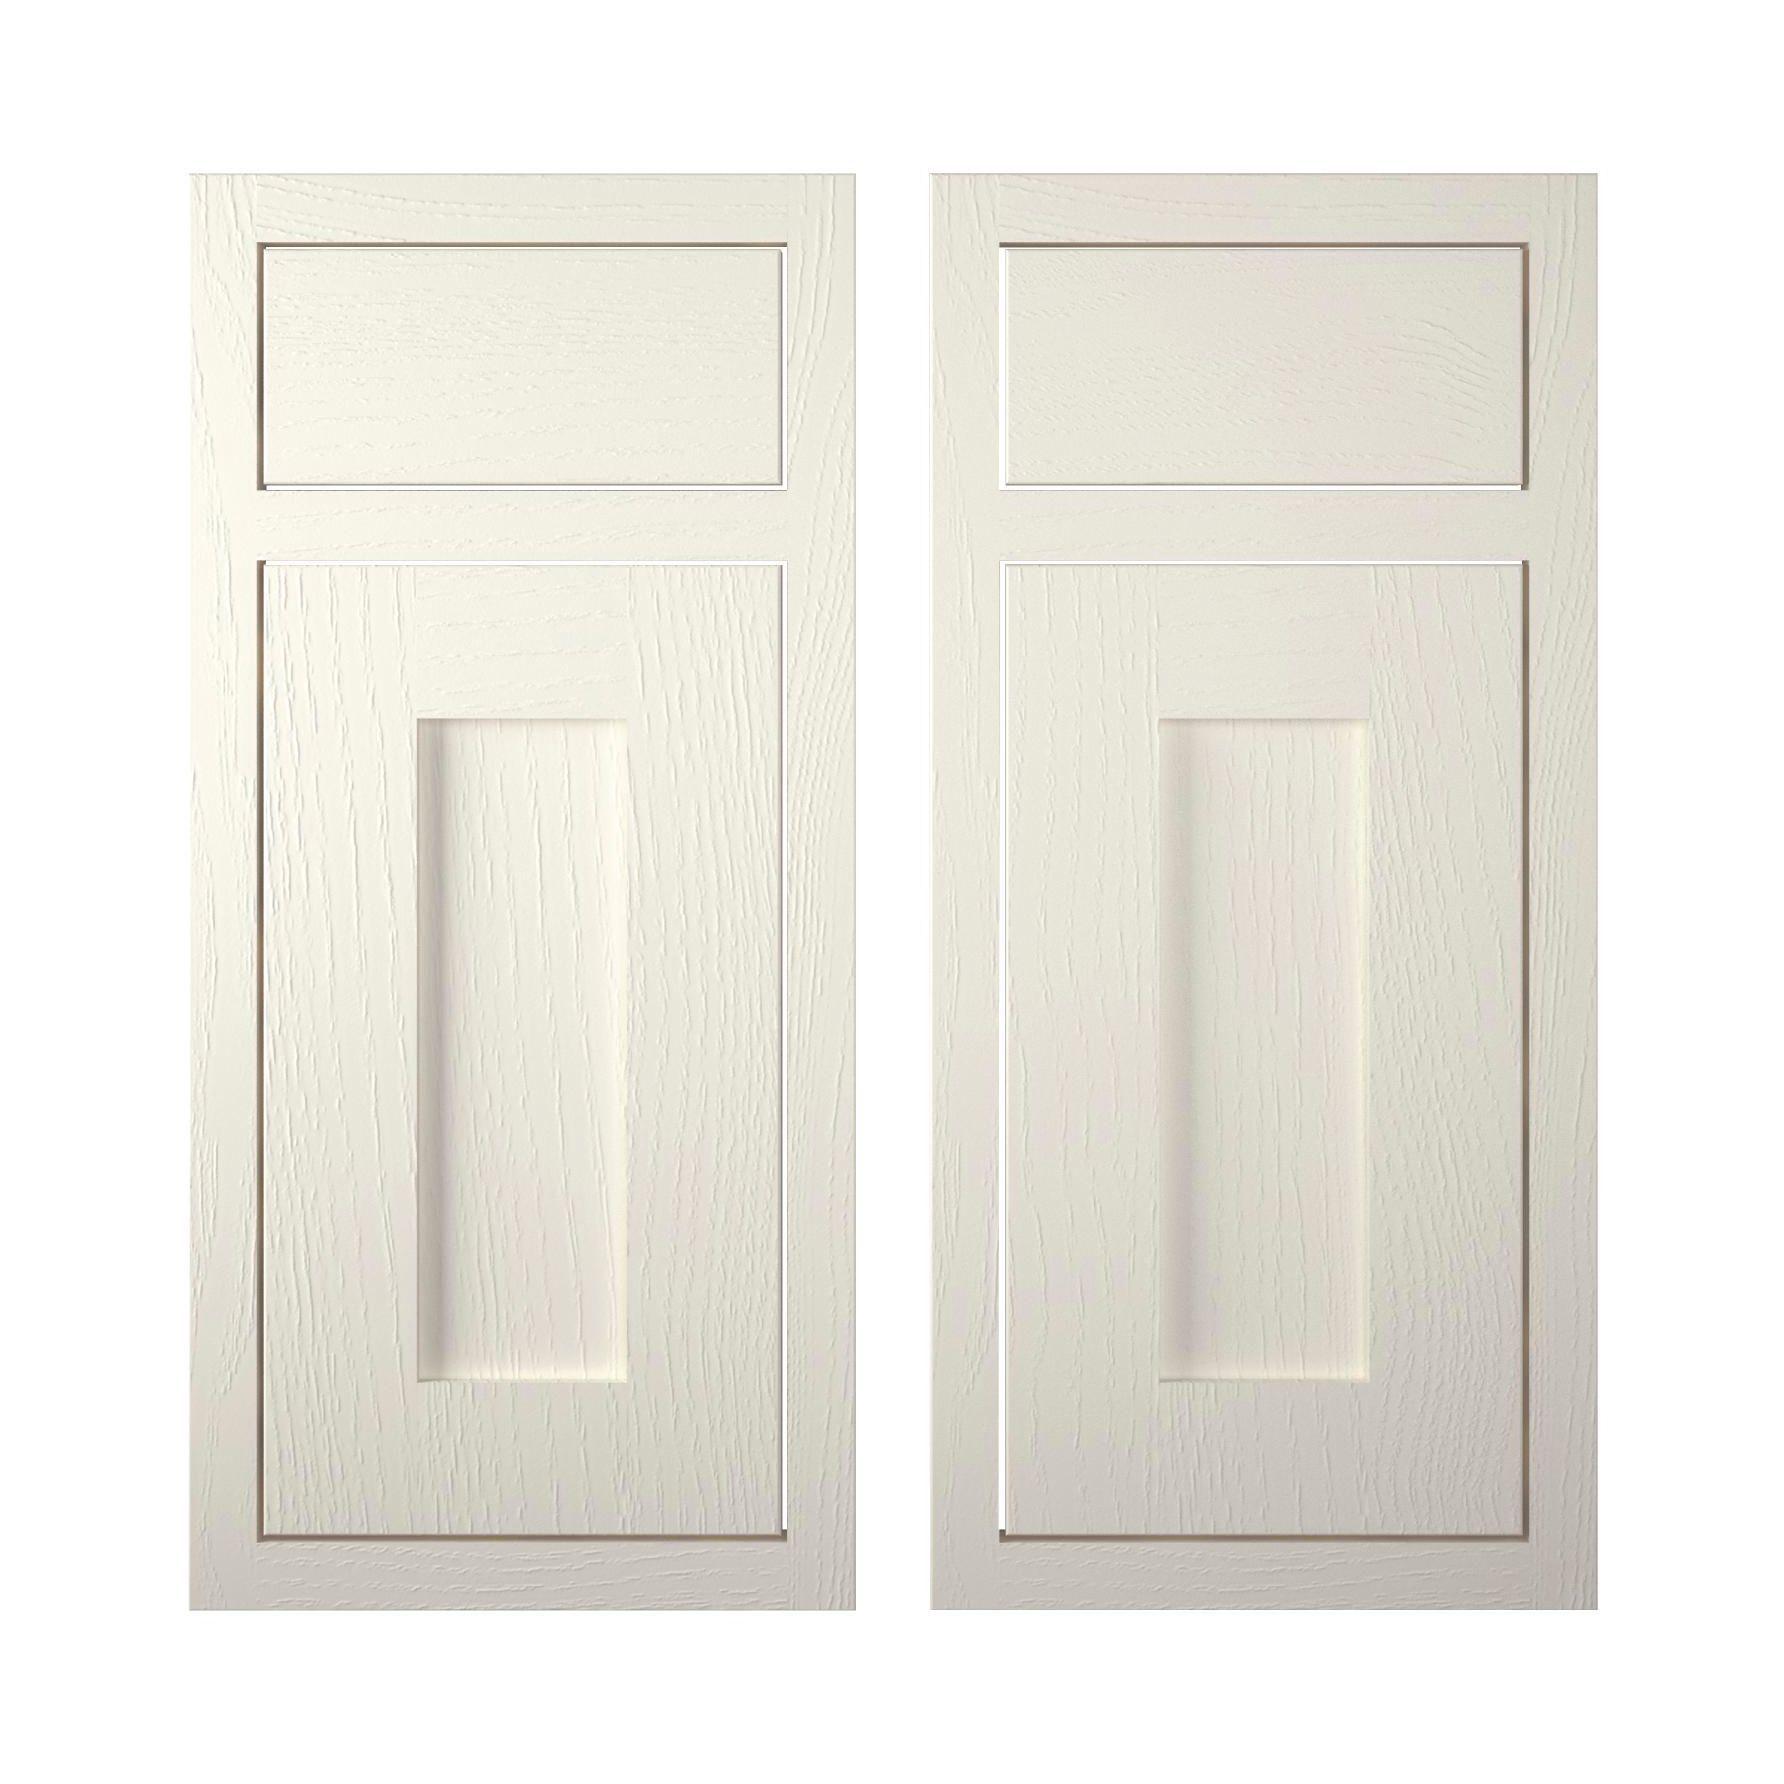 Cooke & Lewis Carisbrooke Ivory Framed Corner Base Drawerline Door (w)925mm, Set Of 2